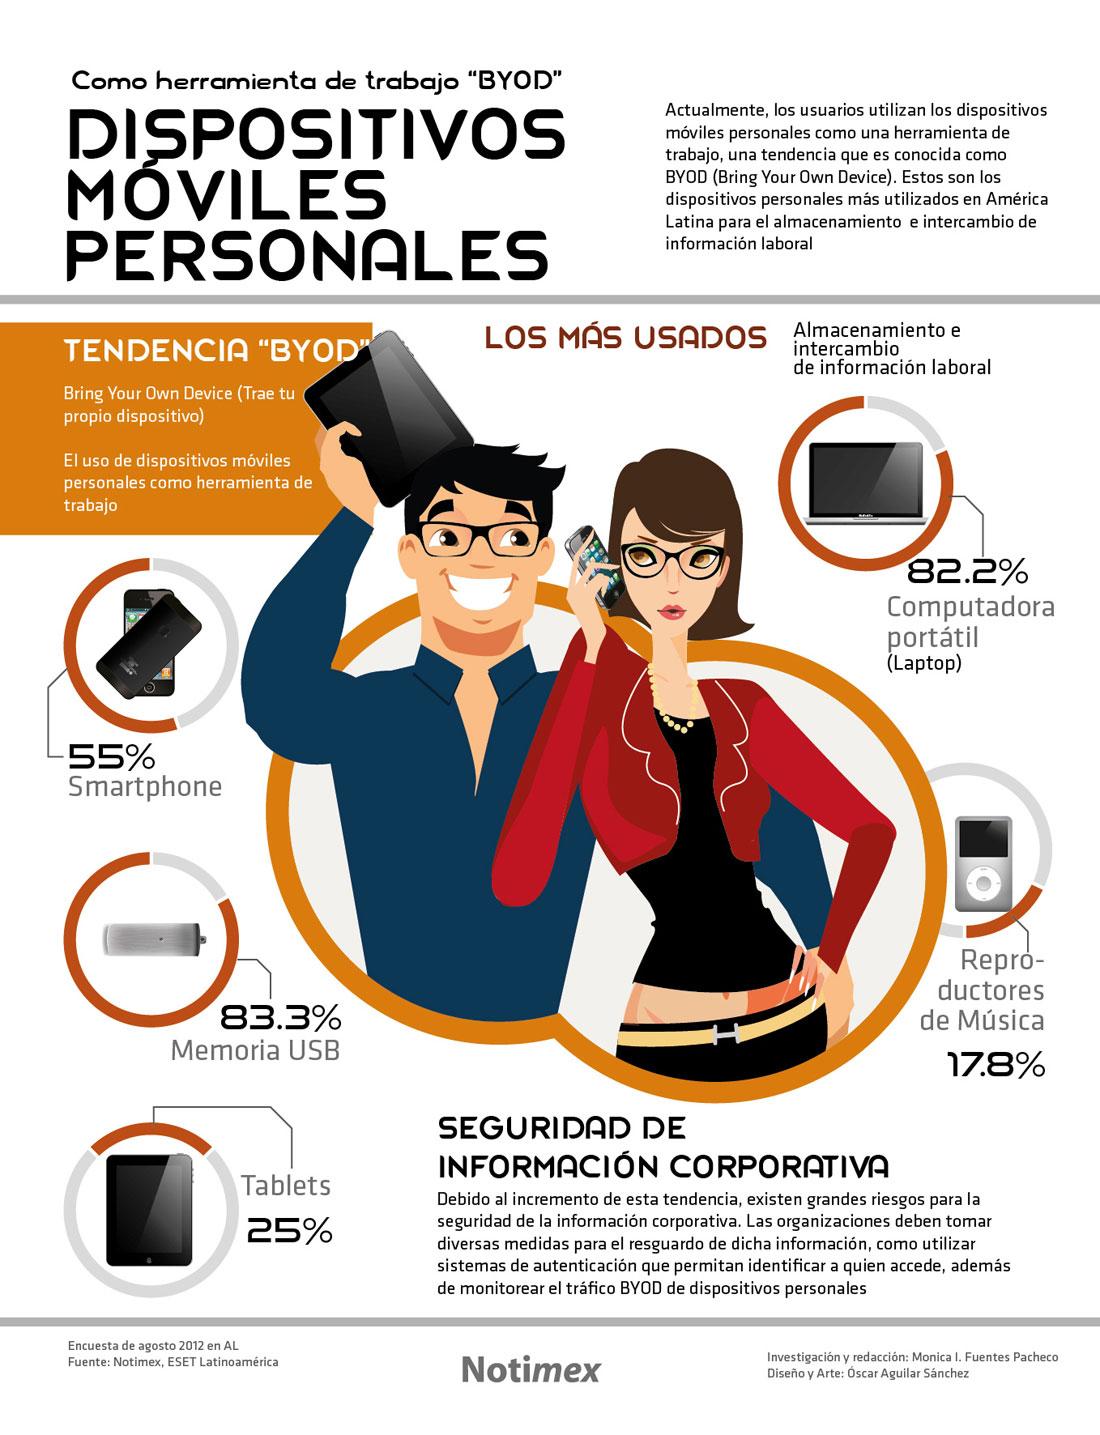 Dispositivos móviles personales